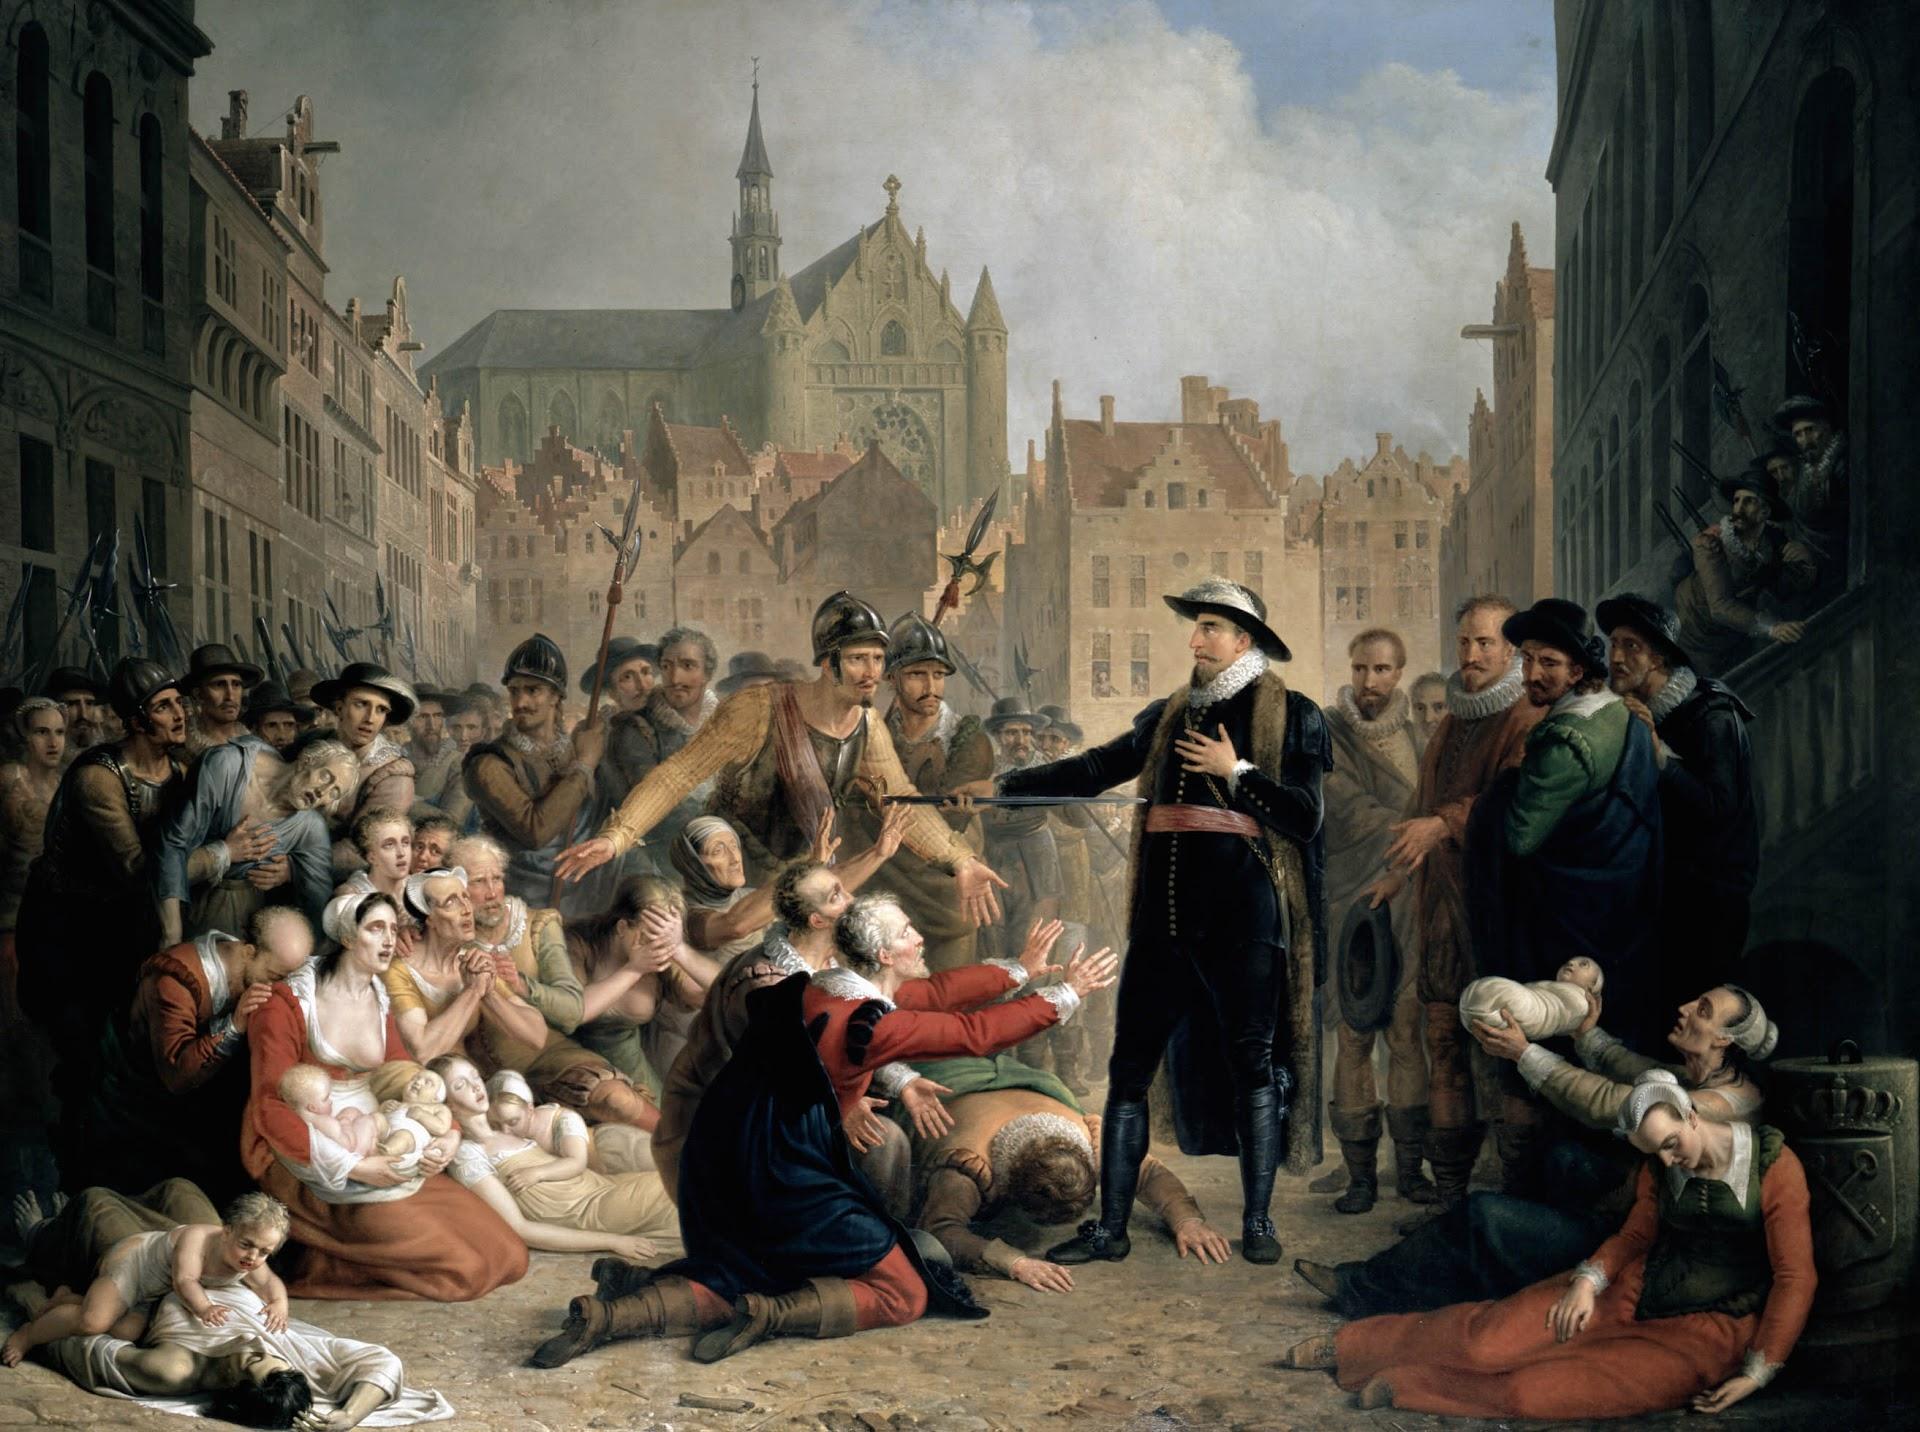 De zelfopoffering van Burgemeester Pieter van der Werf